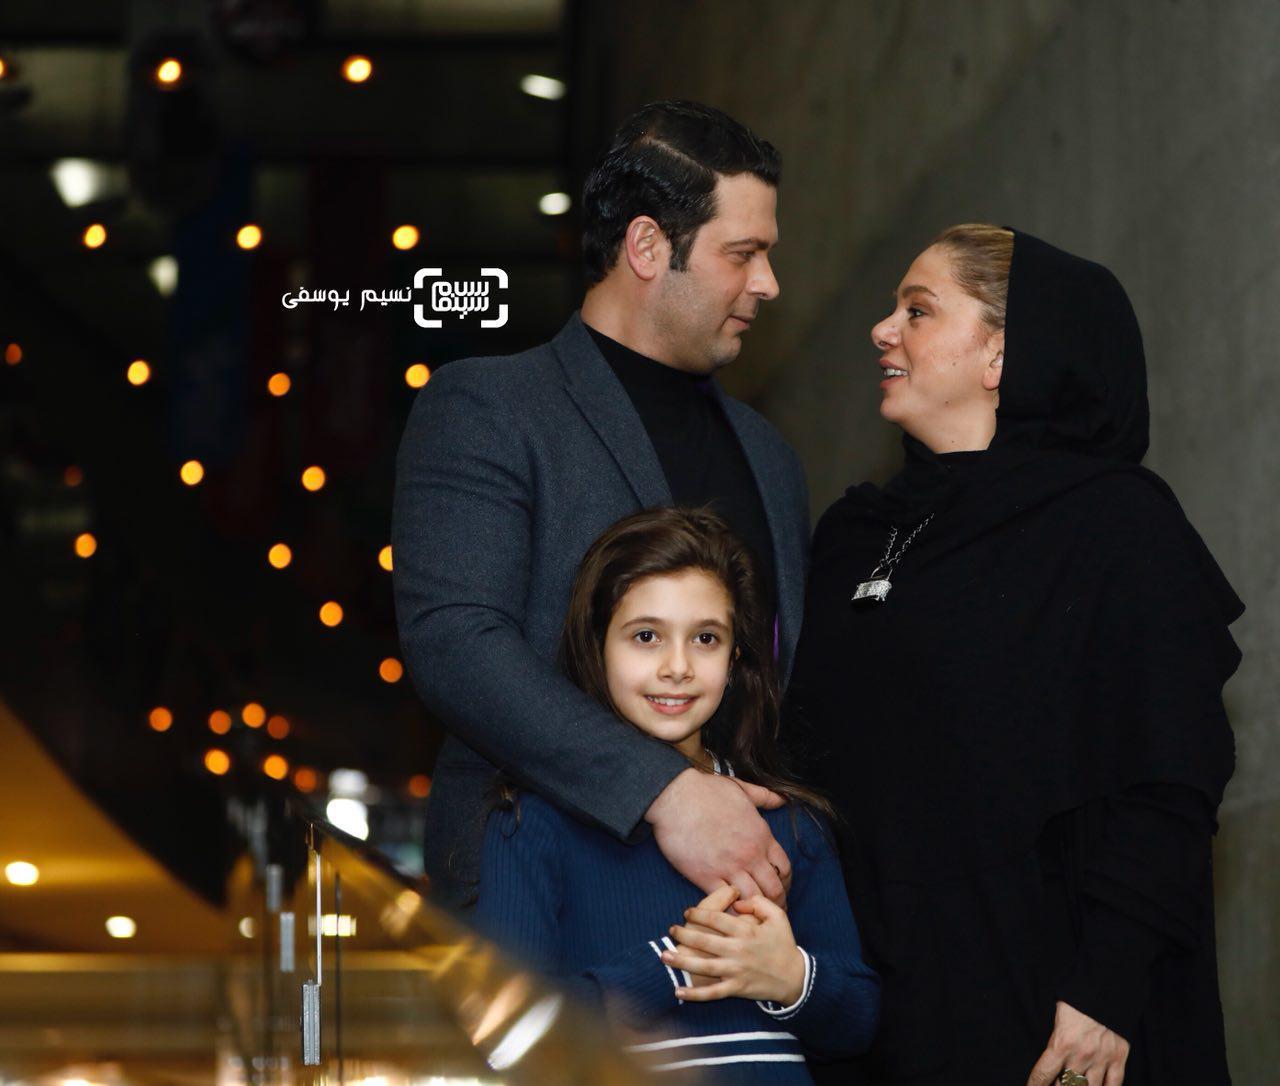 15 عکس برتر جشنواره فیلم فجر از قاب نسیم یوسفی/ مستانه مهاجر و پژمان بازغی و دخترشان